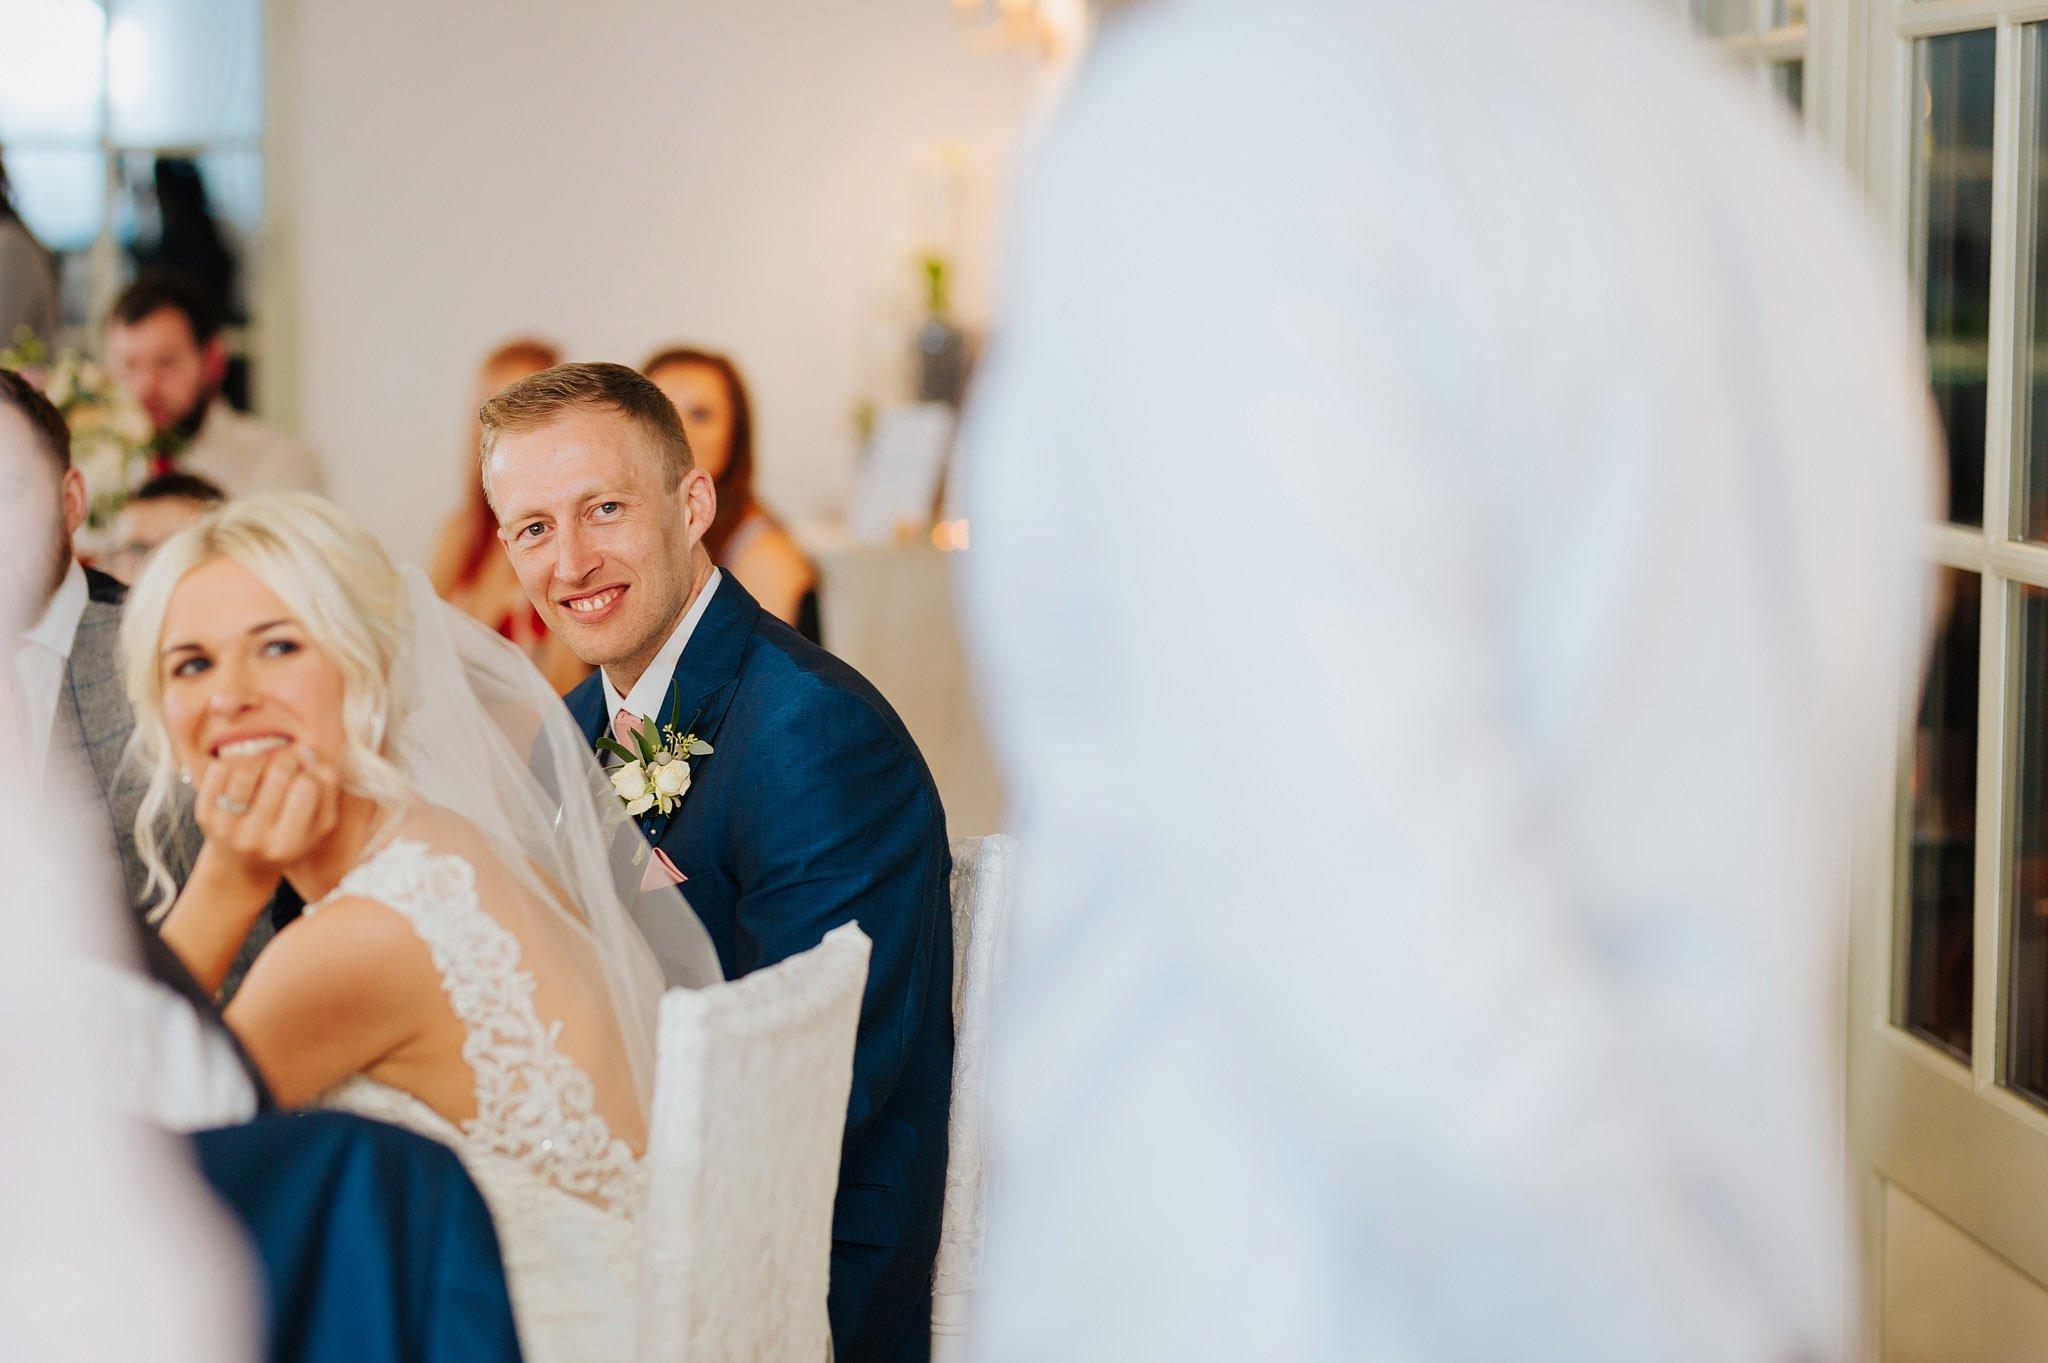 Lemore Manor wedding, Herefordshire - West Midlands | Sadie + Ken 100